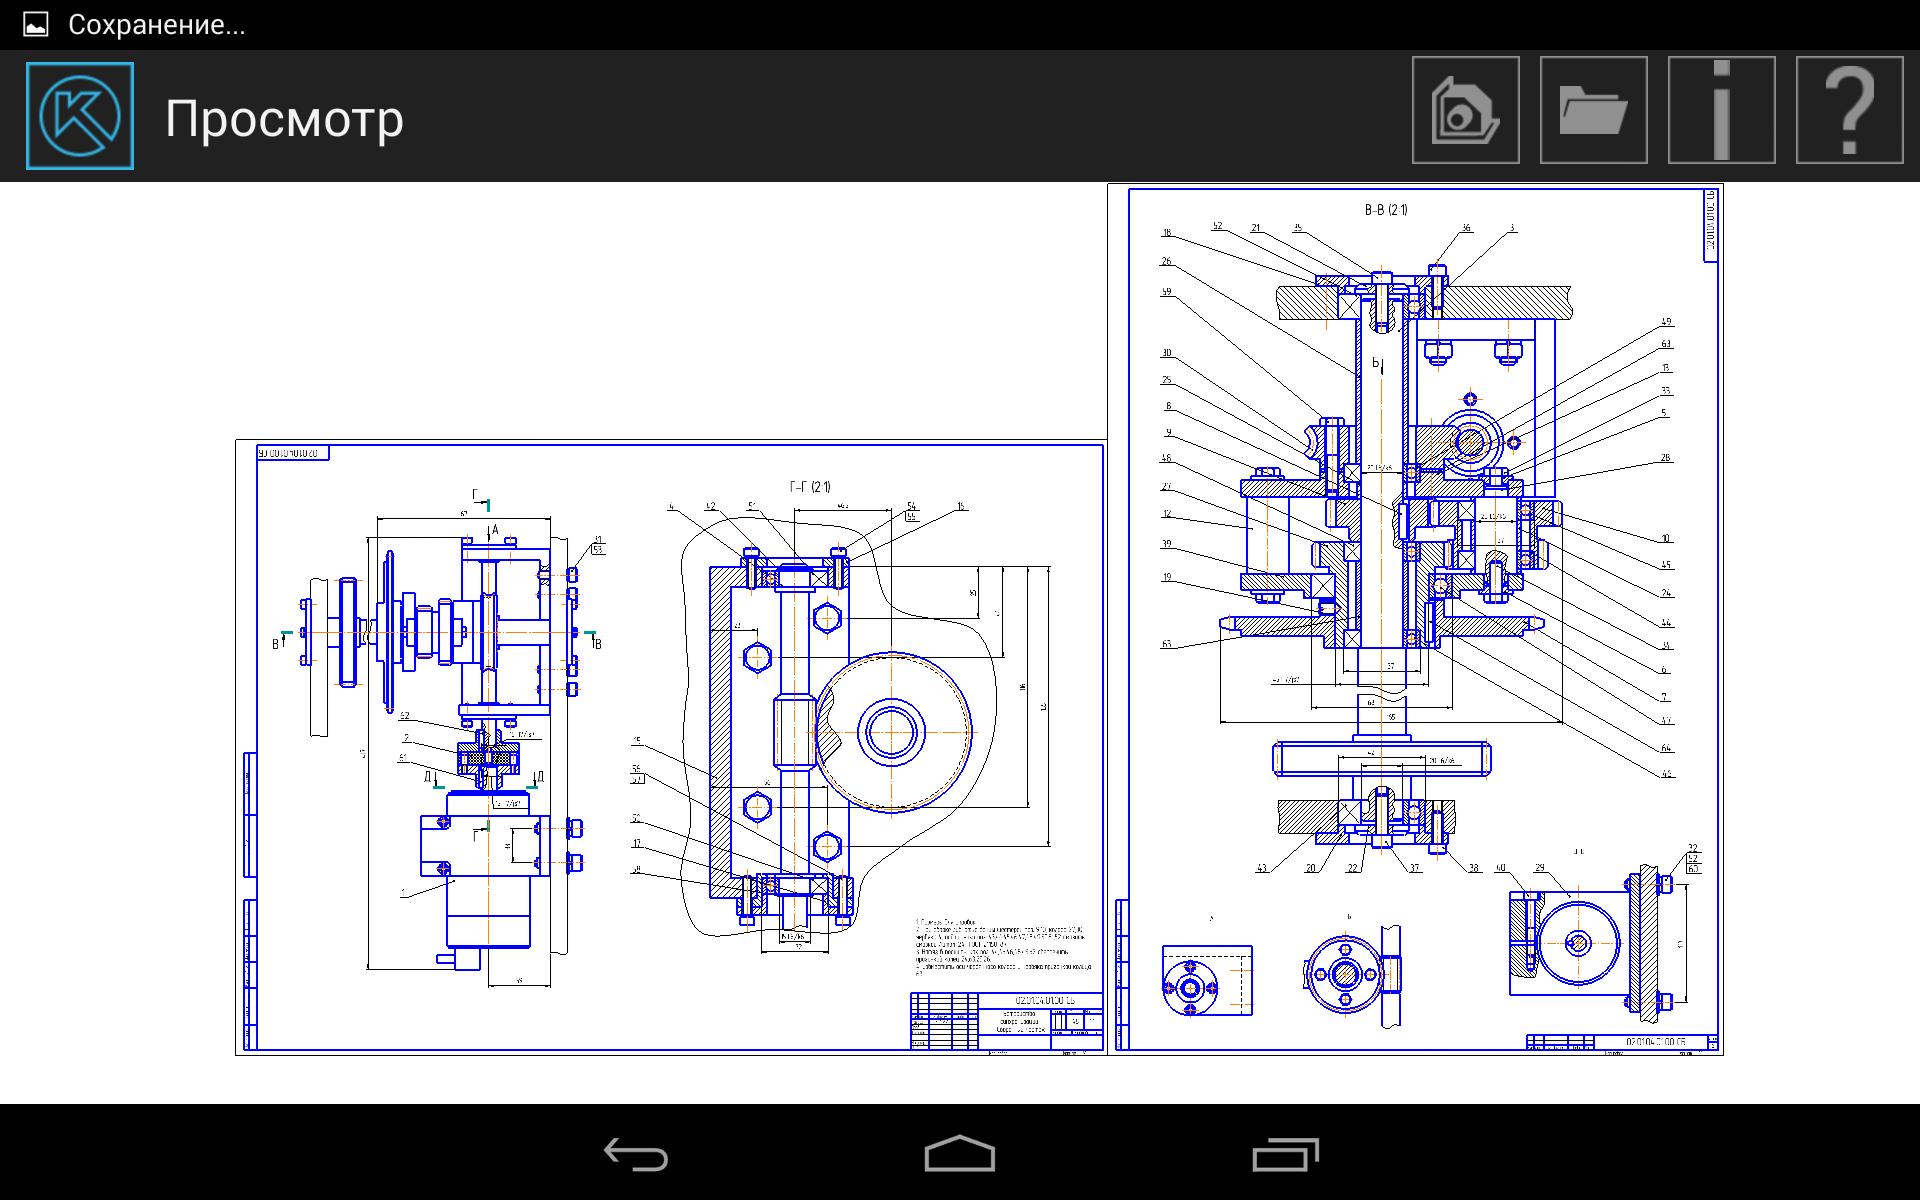 Просмотрщик КОМПАС-3D для Android: опыт портирования крупного Windows-приложения - 3